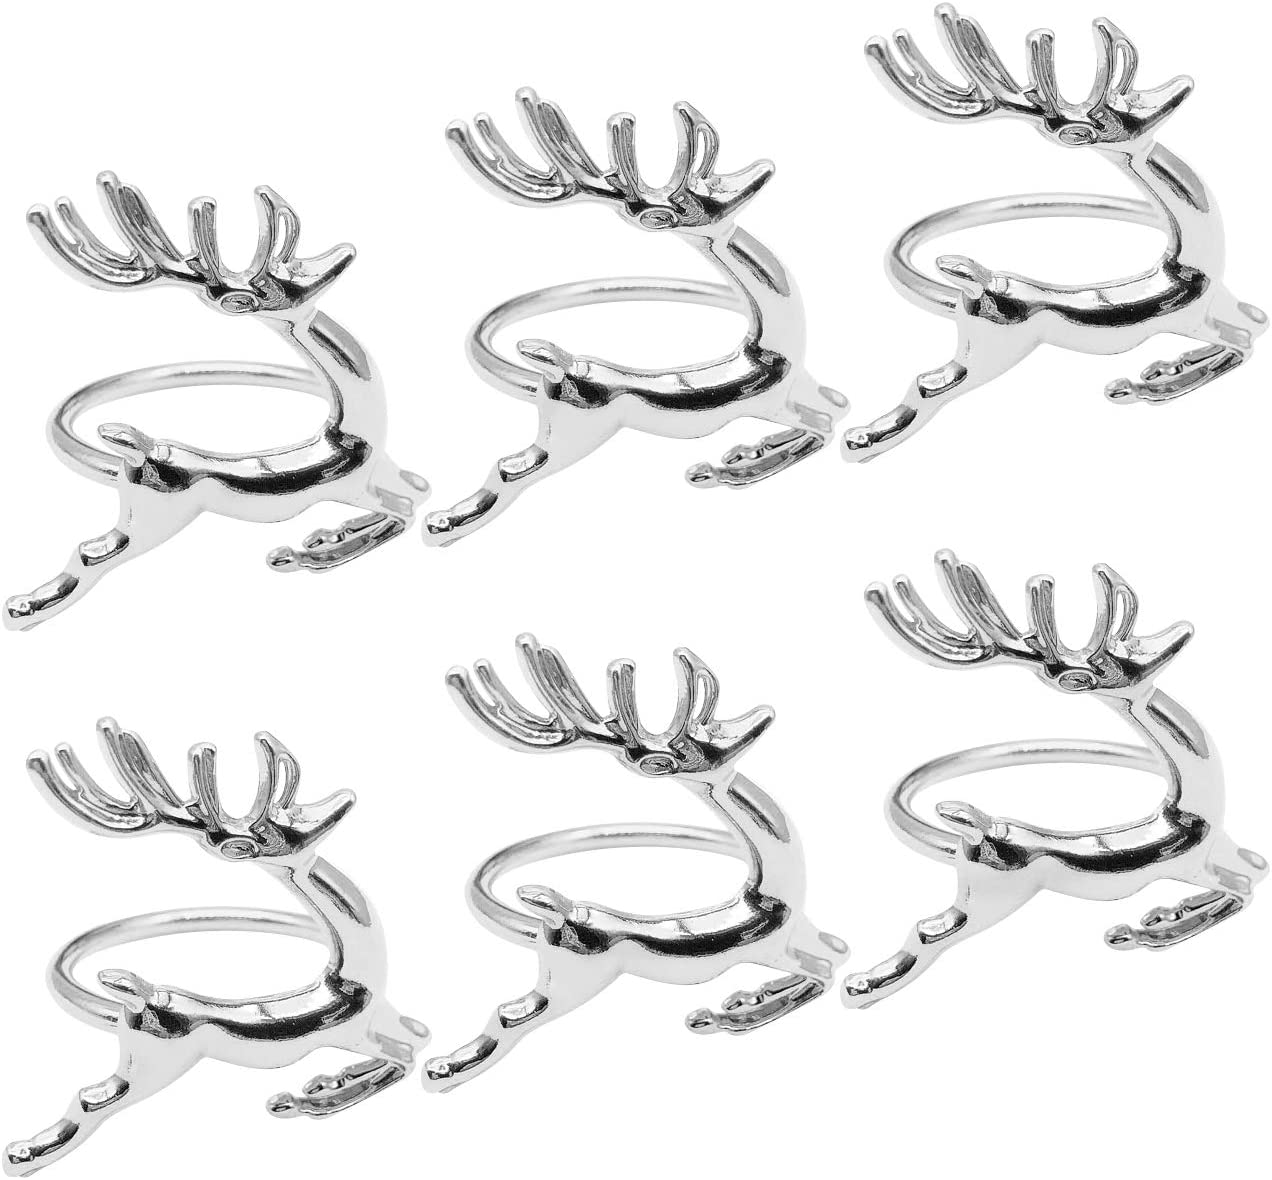 Keleily Servilleteros de Mesa Individuales 6 Piezas Servilleteros de Metal, Anillo de Hebillas de Ciervo Adecuado para Fiestas, Hoteles, Bodas, Navidad, Cenas, Restaurantes, Decoración de Mesas, Plata